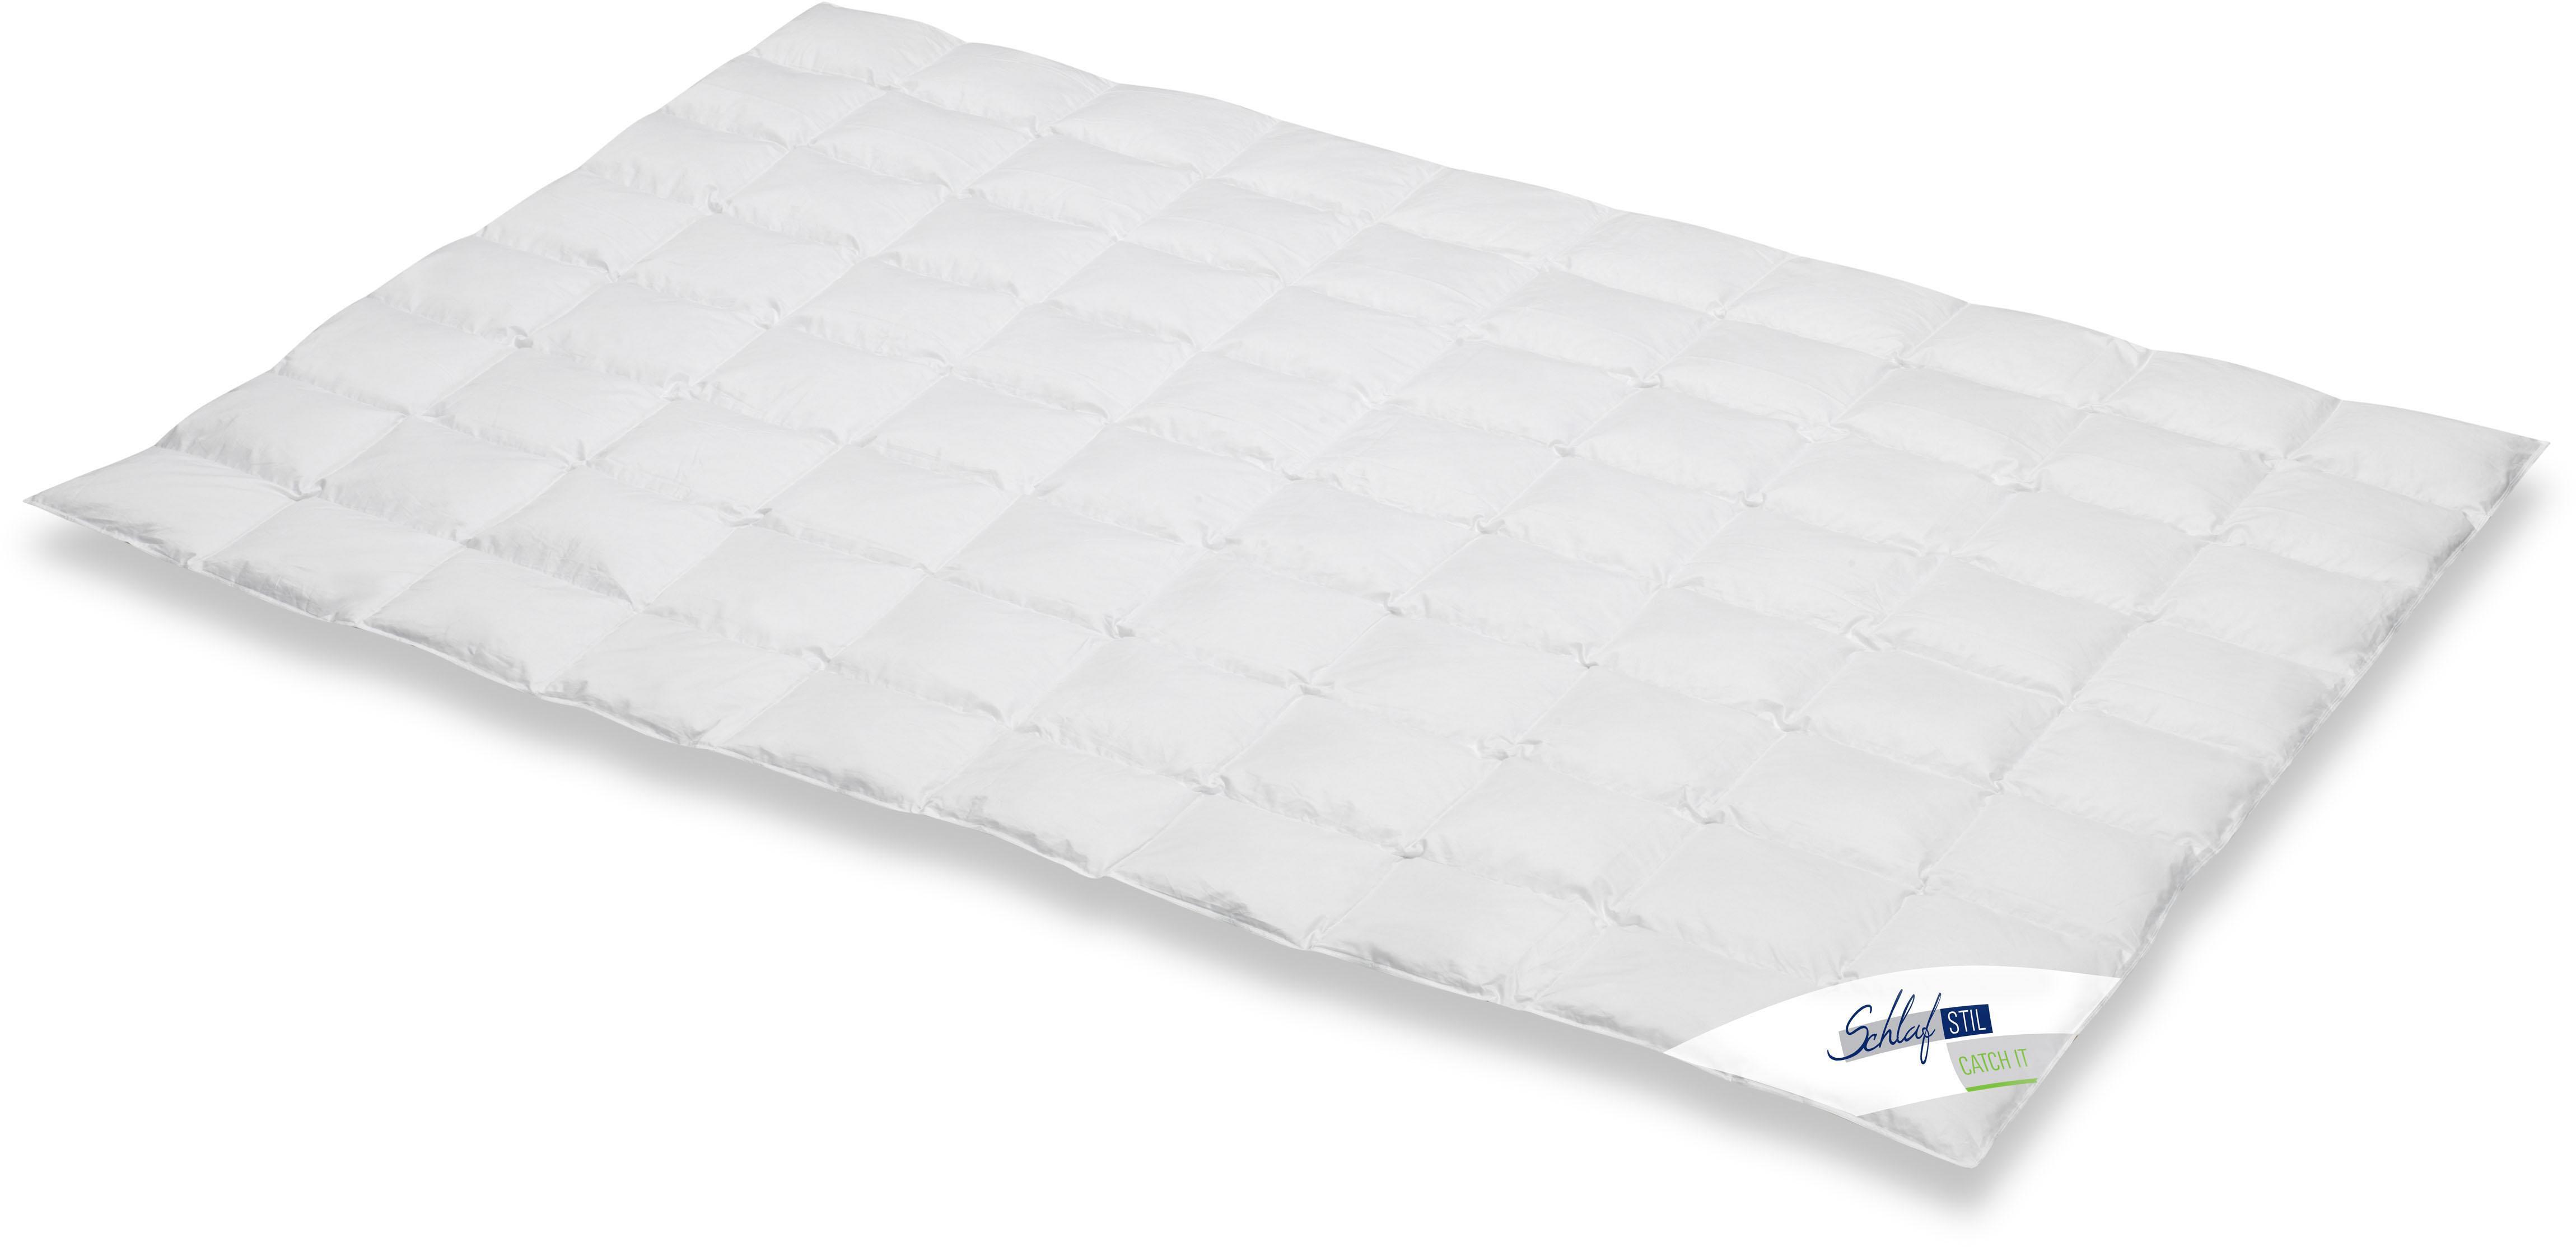 Daunenbettdecke Catch It Schlafstil leicht Füllung: 90% Daunen 10% Federn Bezug: 100% Baumwolle